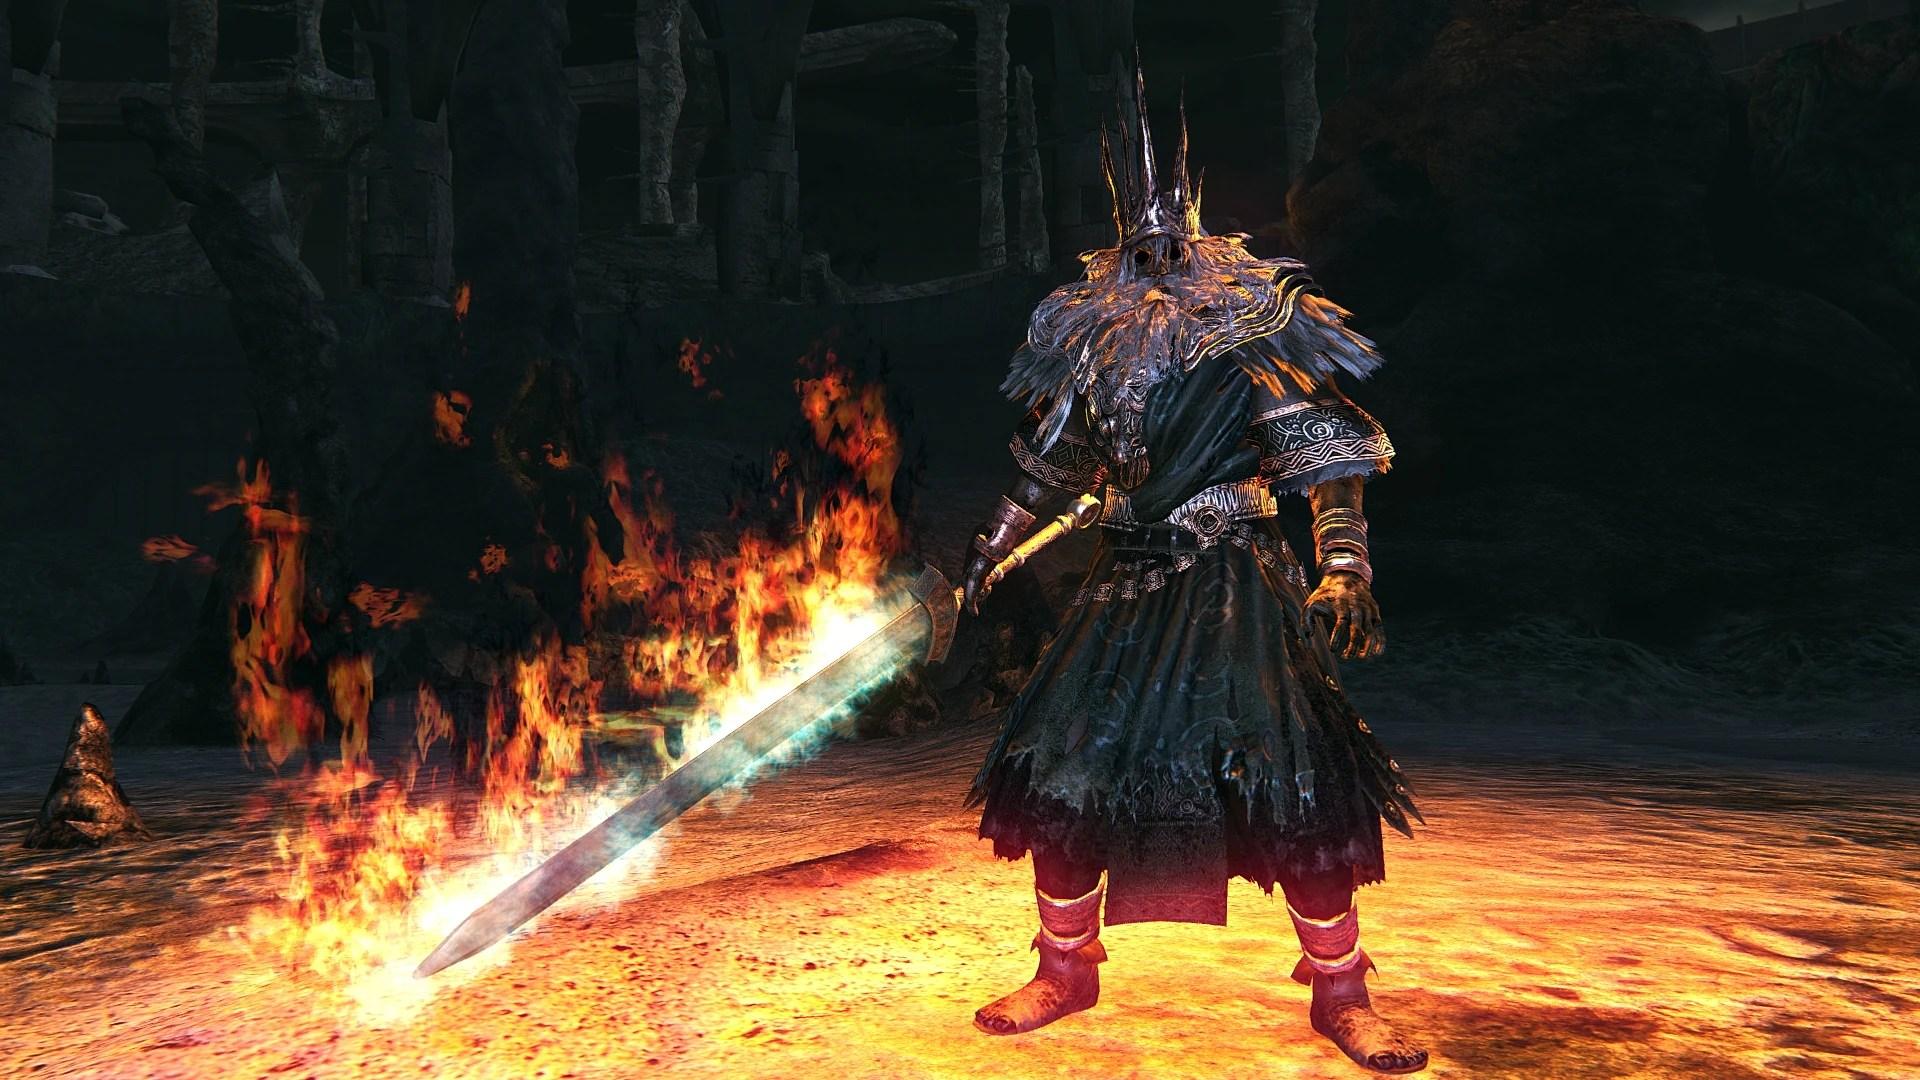 Gwyn Lord Of Cinder Dark Souls Wiki Fandom Powered By